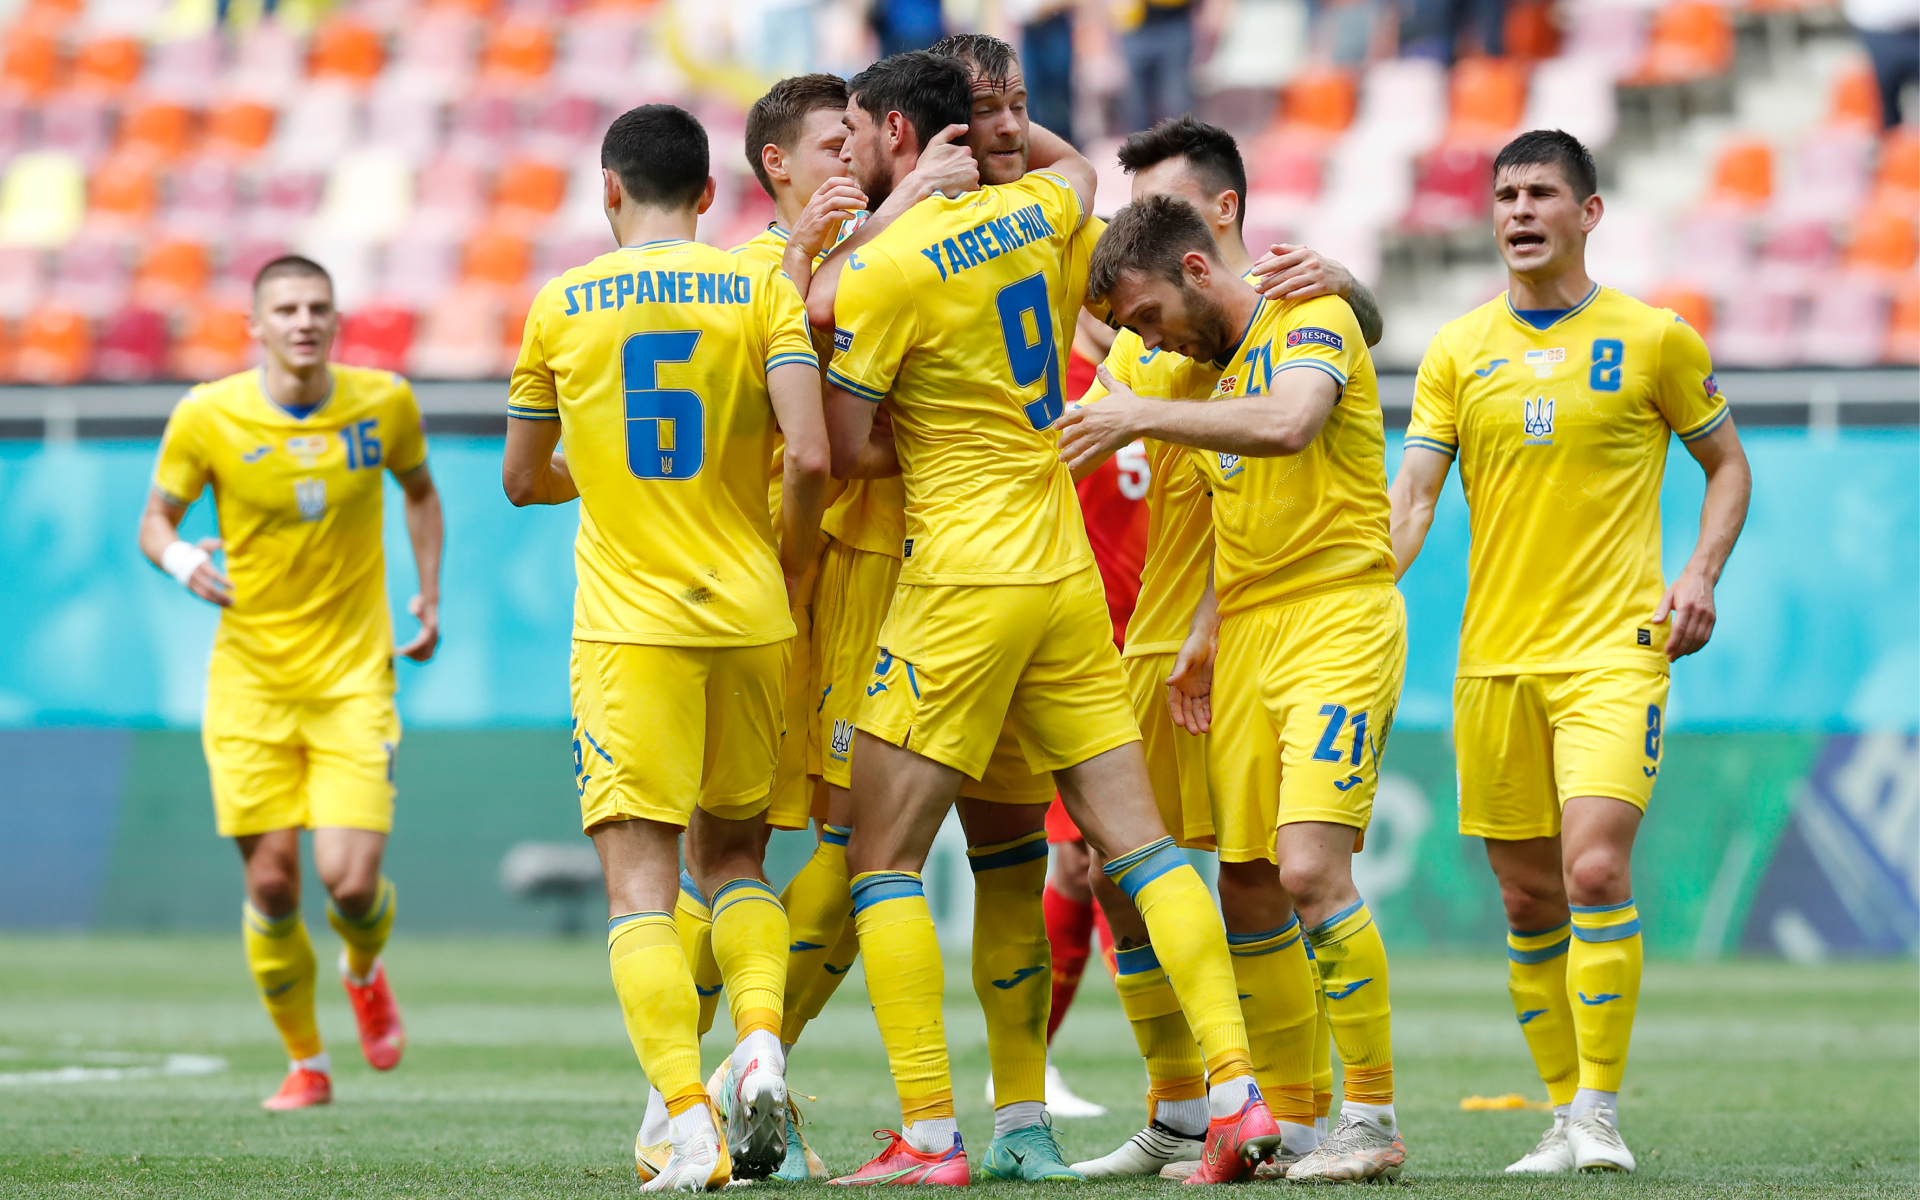 Фото:Игроки сборной Украины (Robert Ghement - Pool/Getty Images)